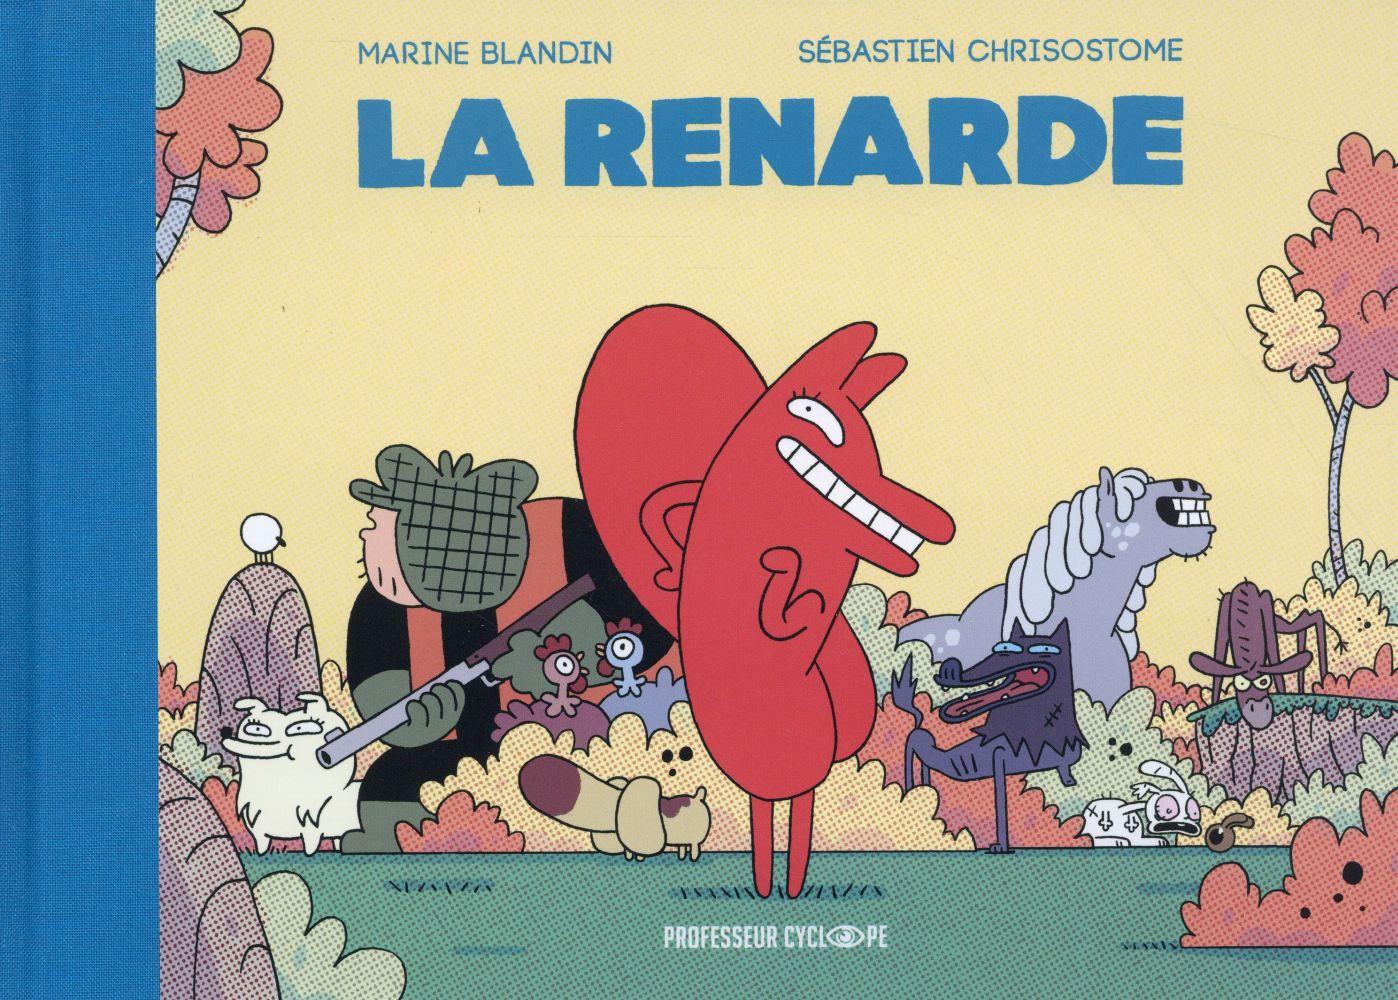 LA RENARDE Blandin Marine